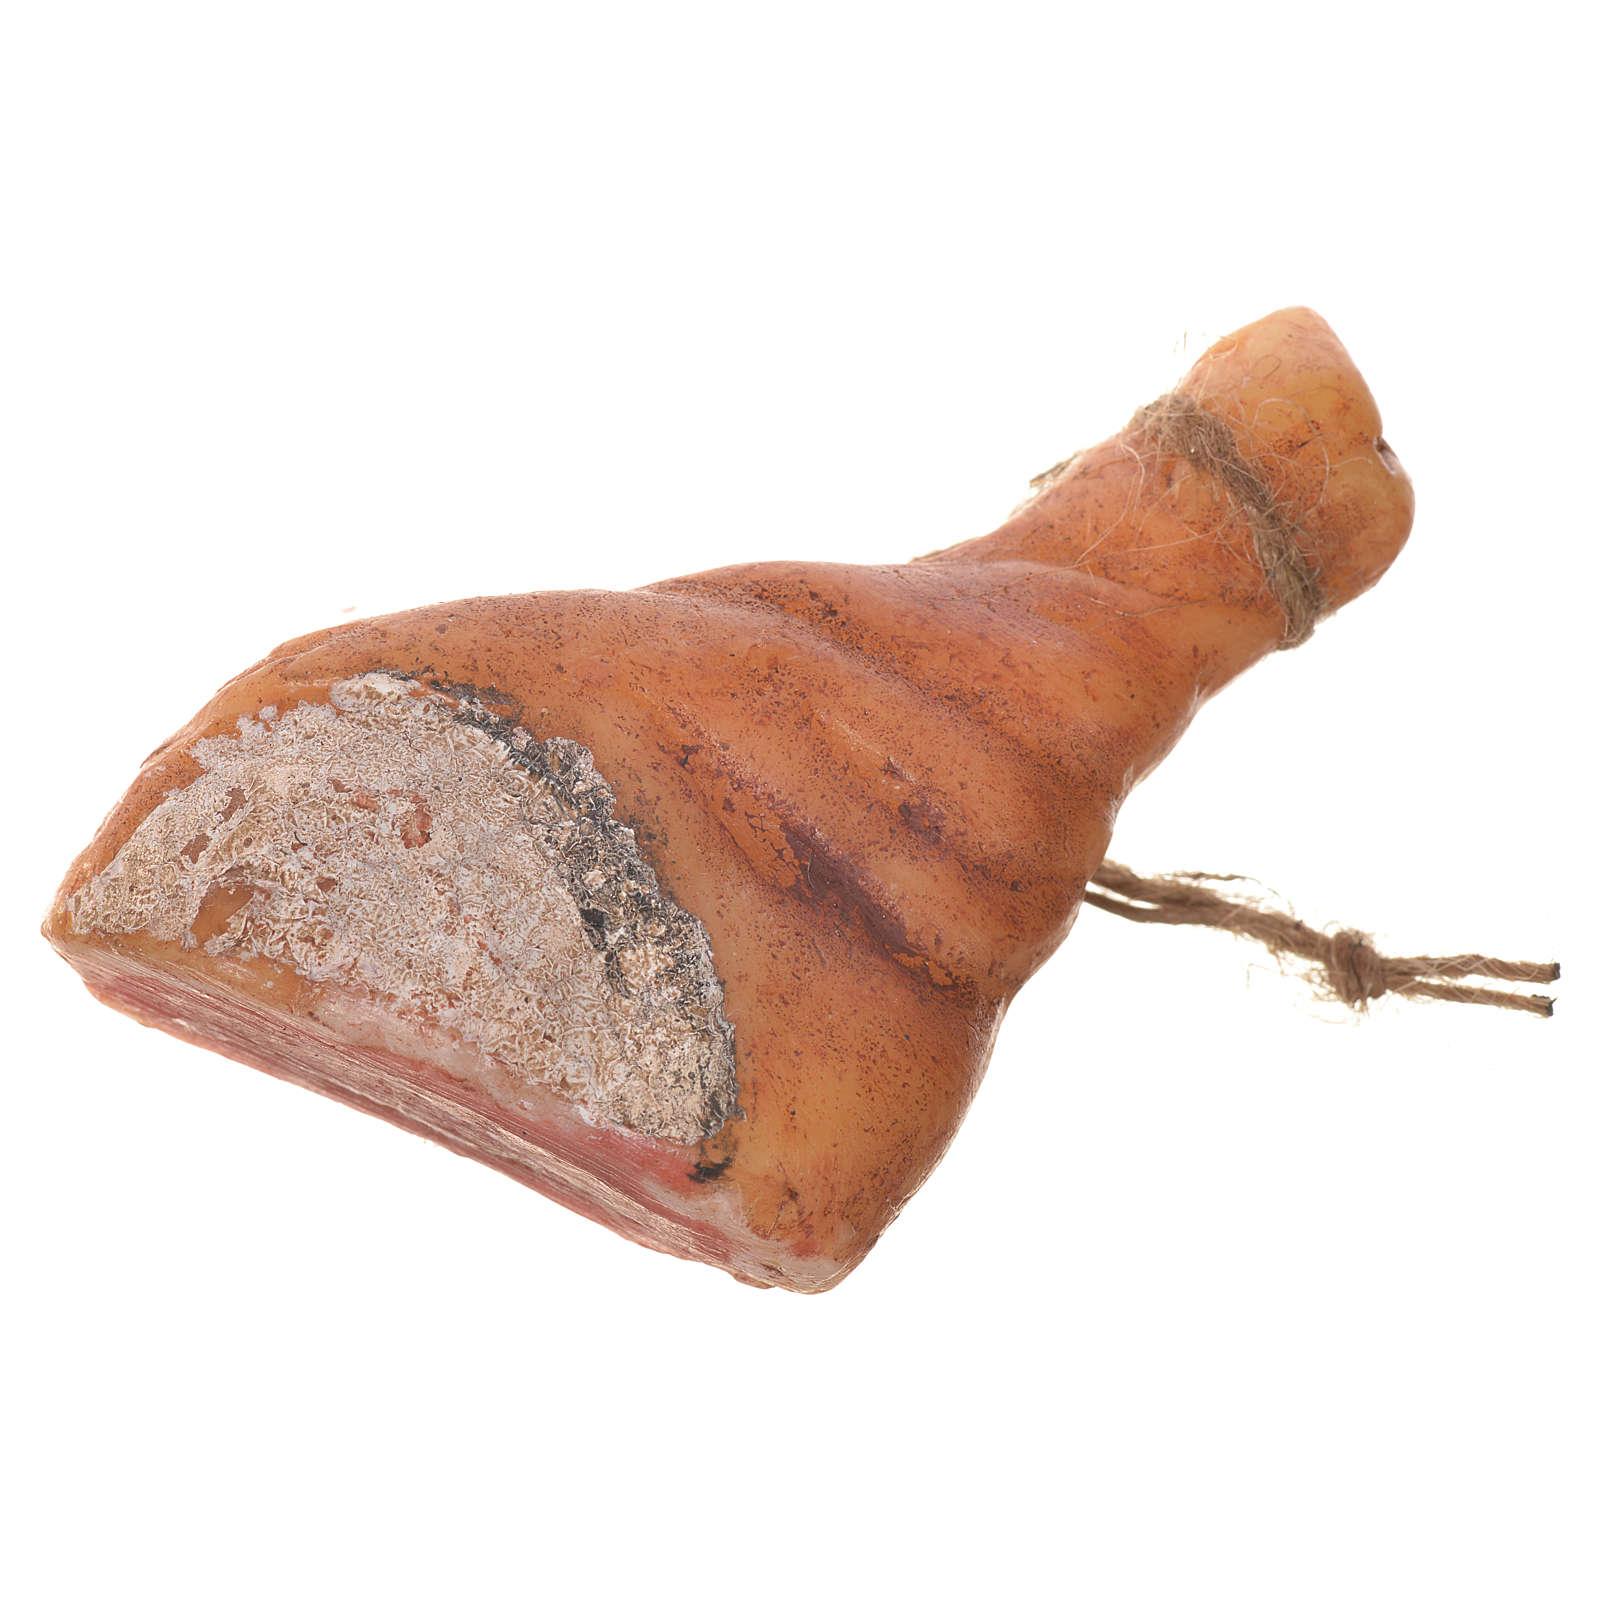 Prosciutto tagliato in cera per figure presepe 20-24 cm 4